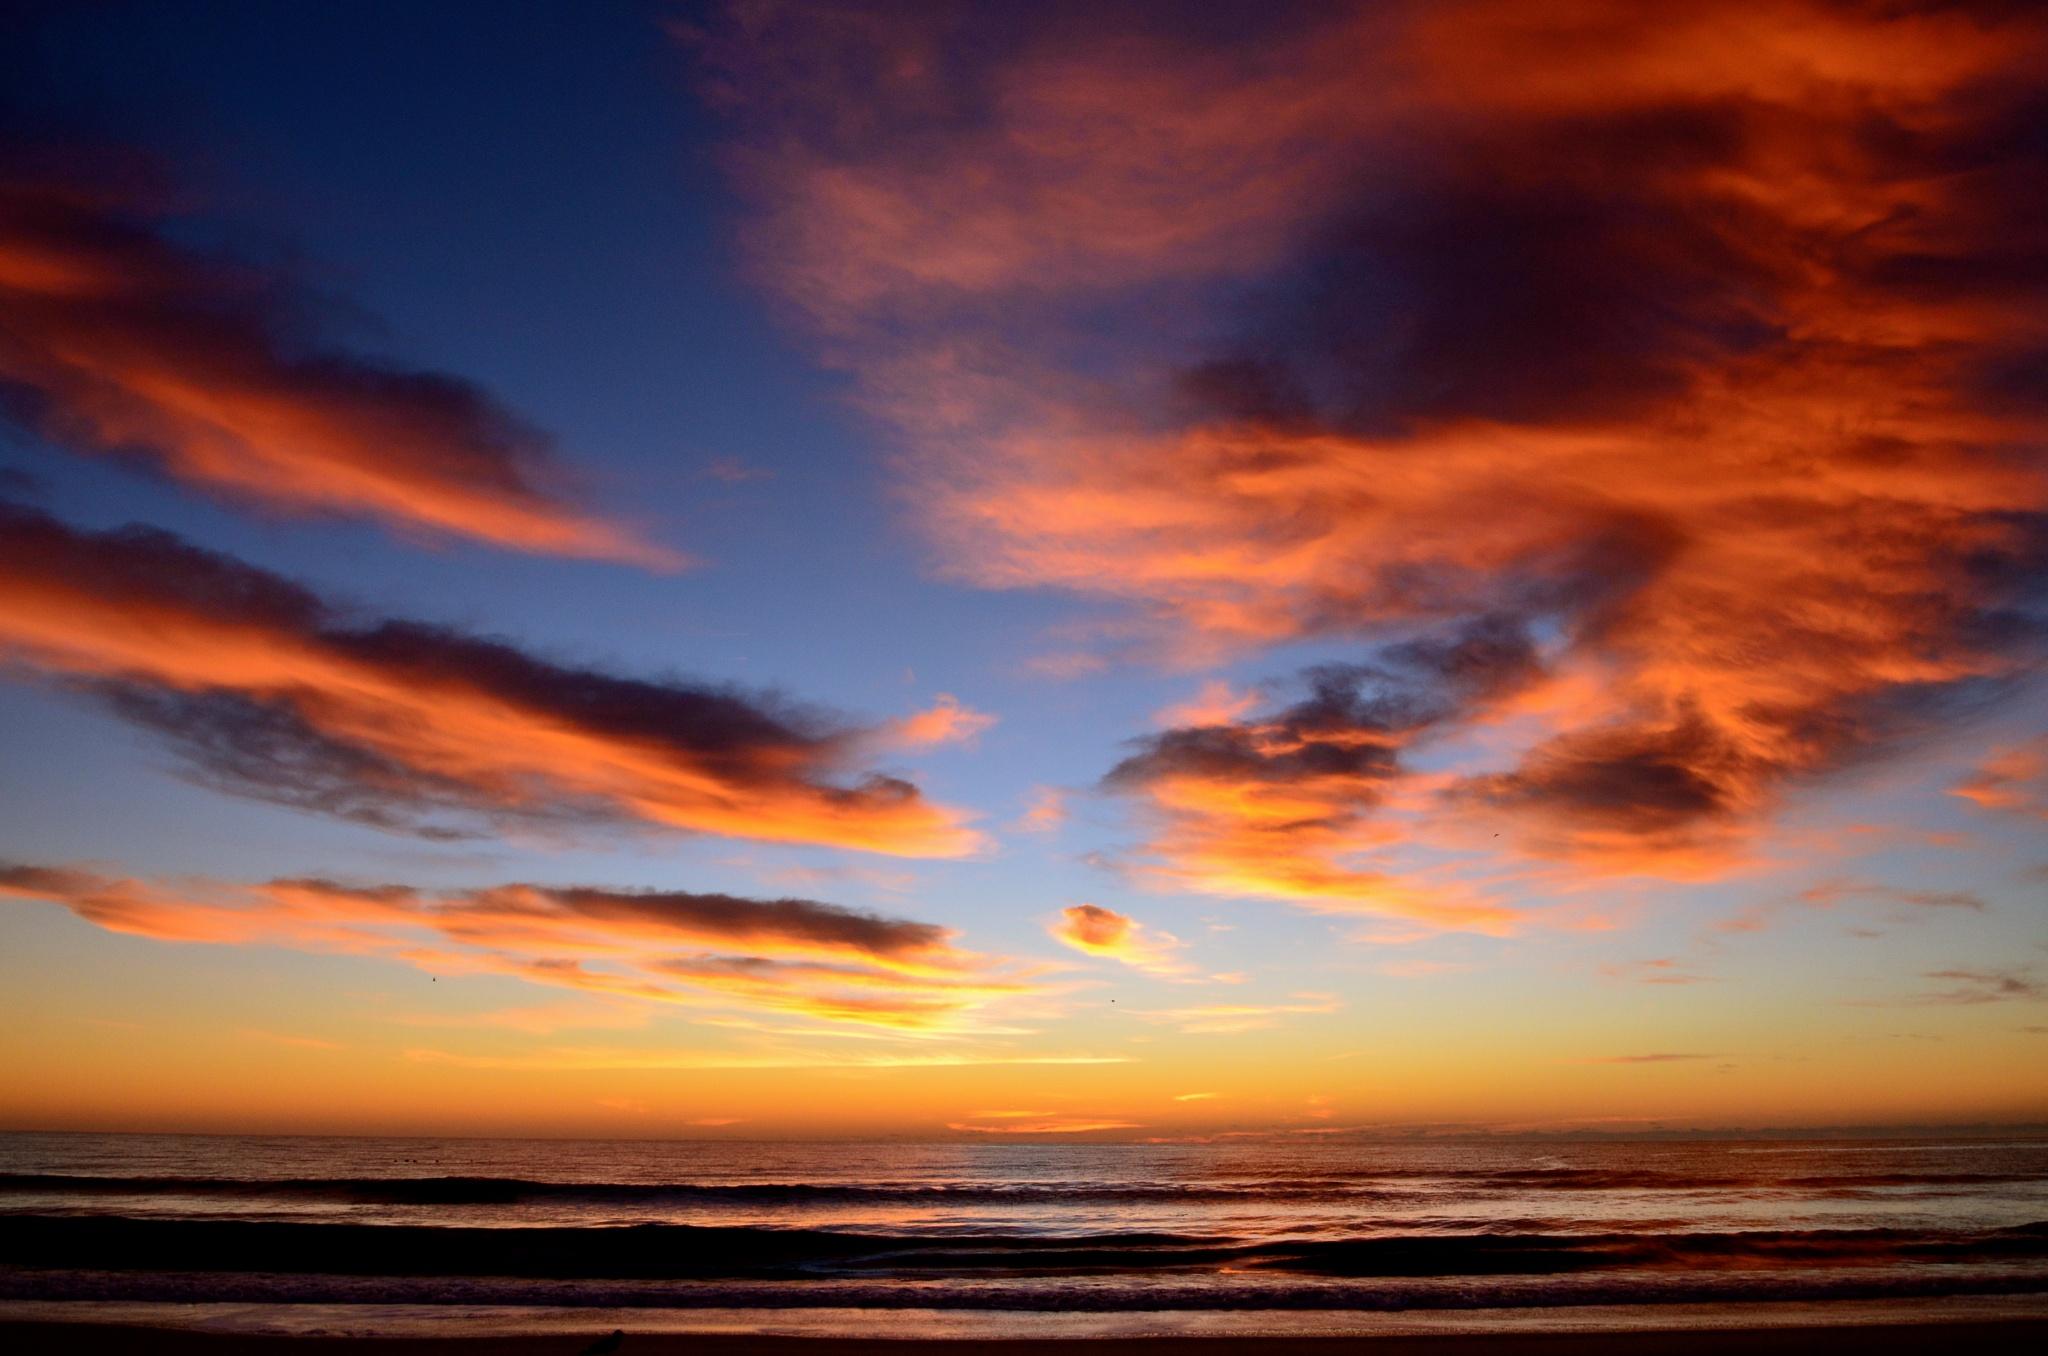 Colorful sunrise   by Lana-photo-Art